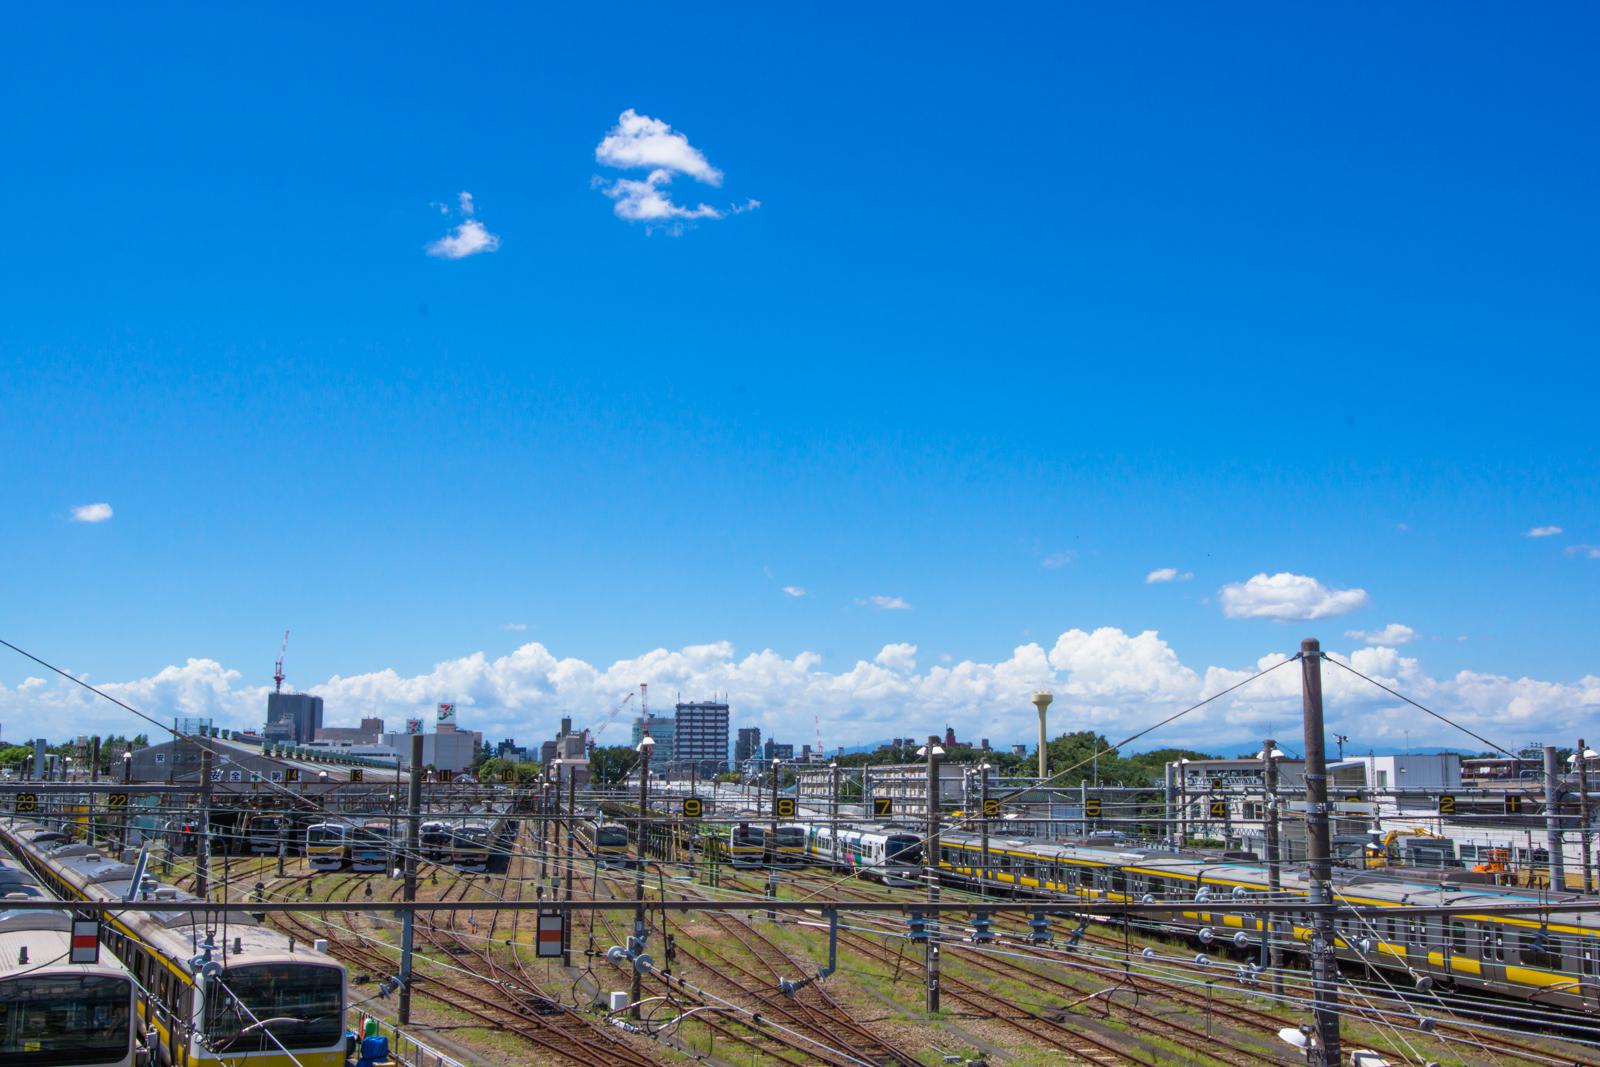 三鷹電車車庫と青空の写真